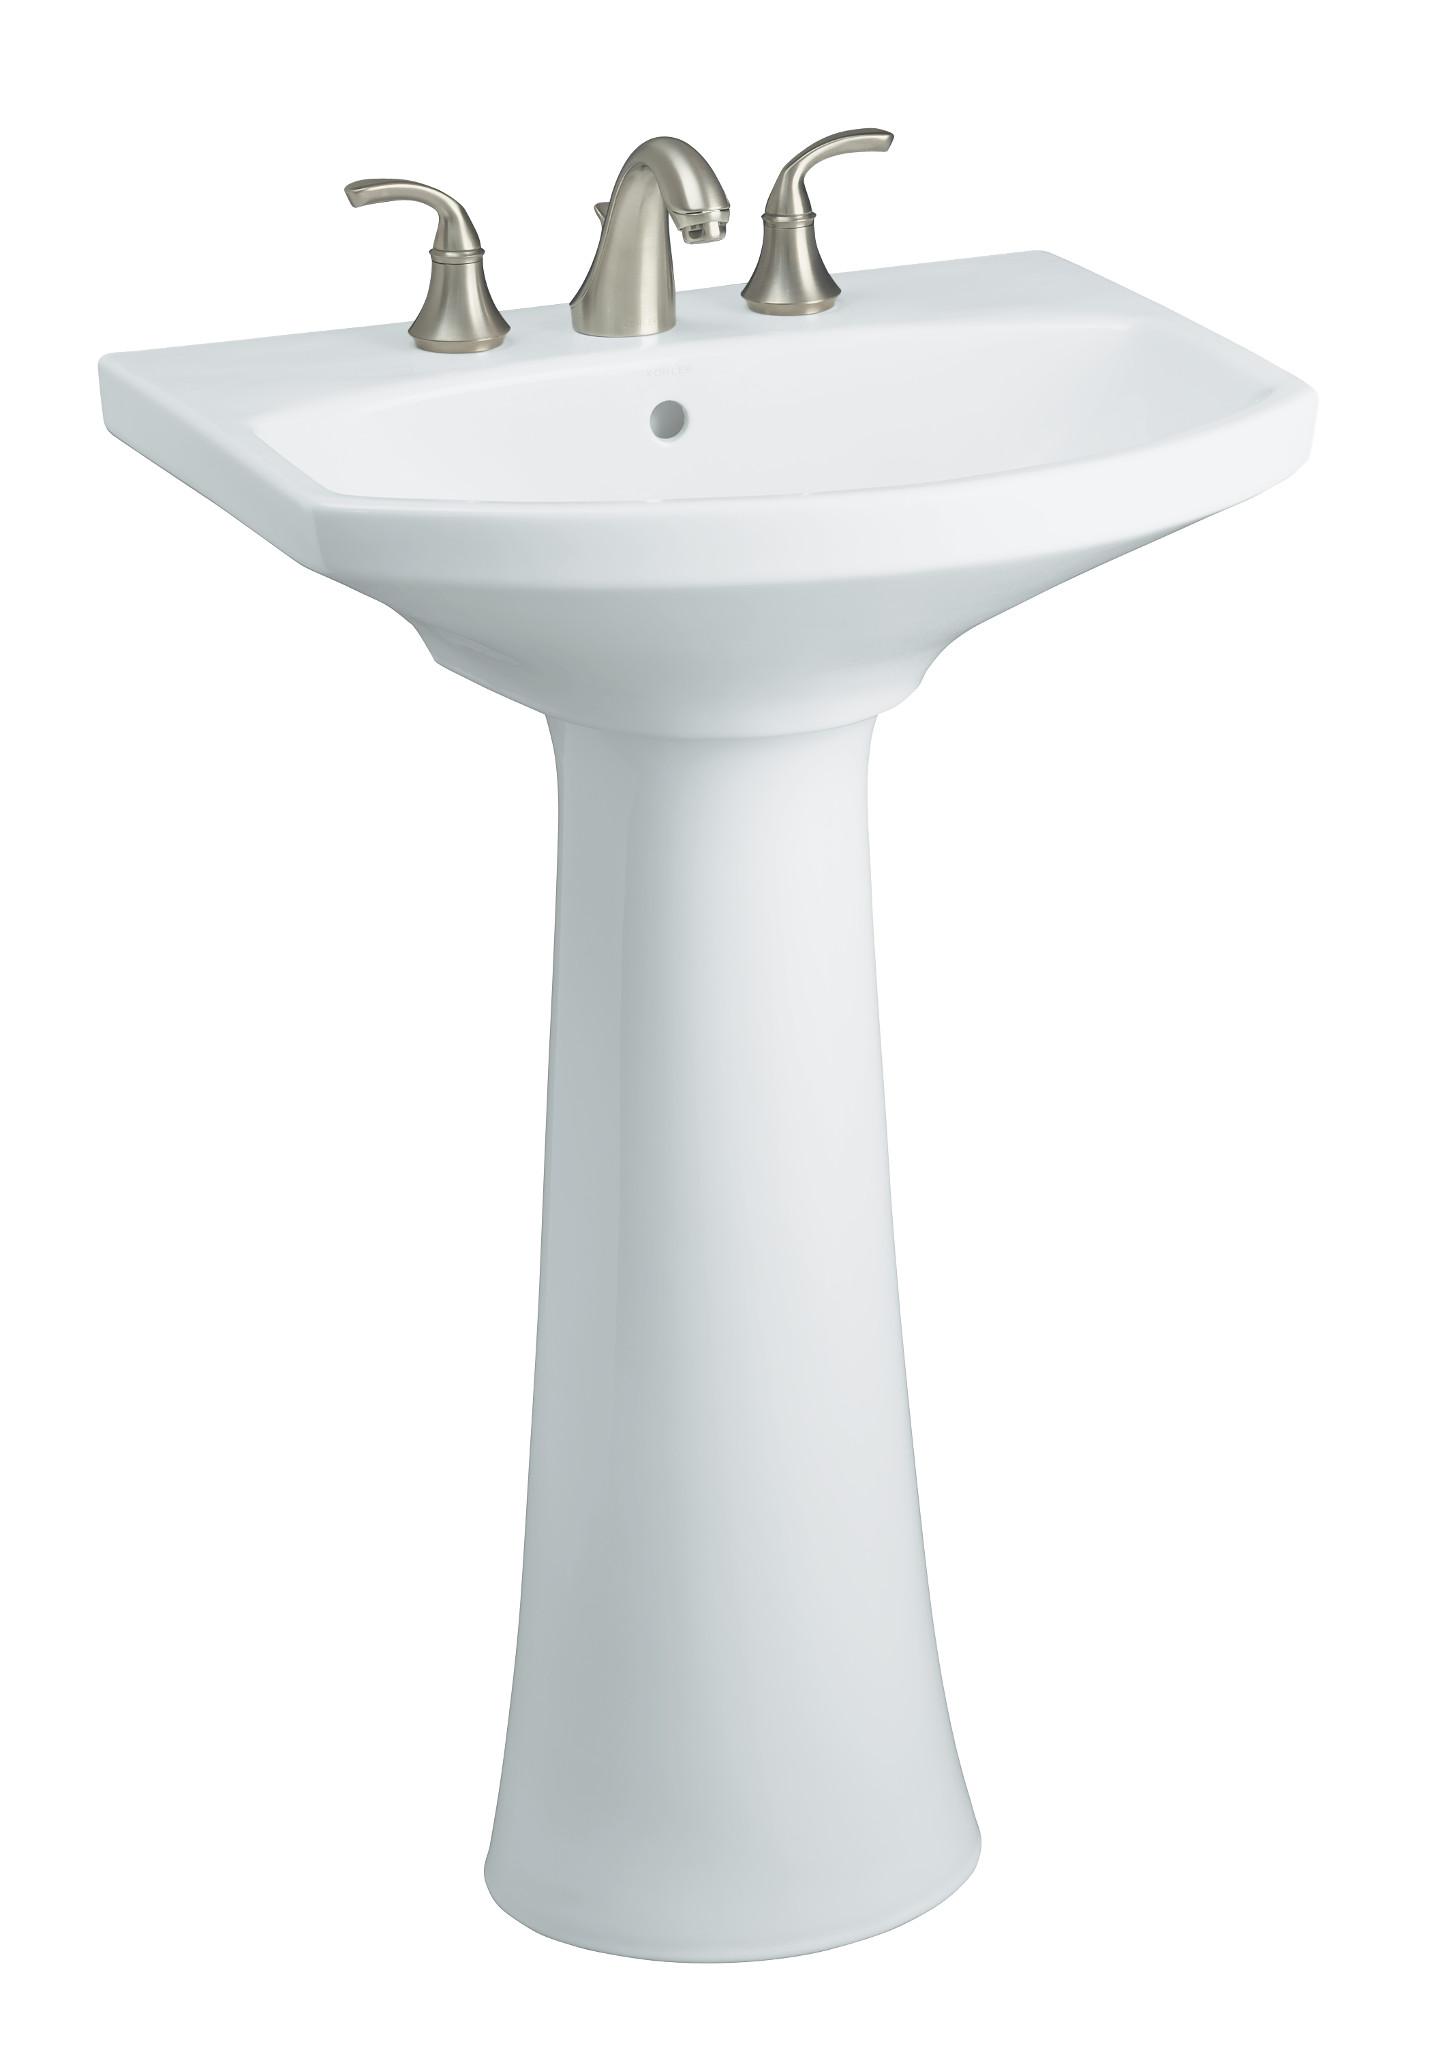 Bathroom Sink Manufacturers : Kohler K-10272-4-G Brushed Chrome Forte Widespread Bathroom Faucet ...